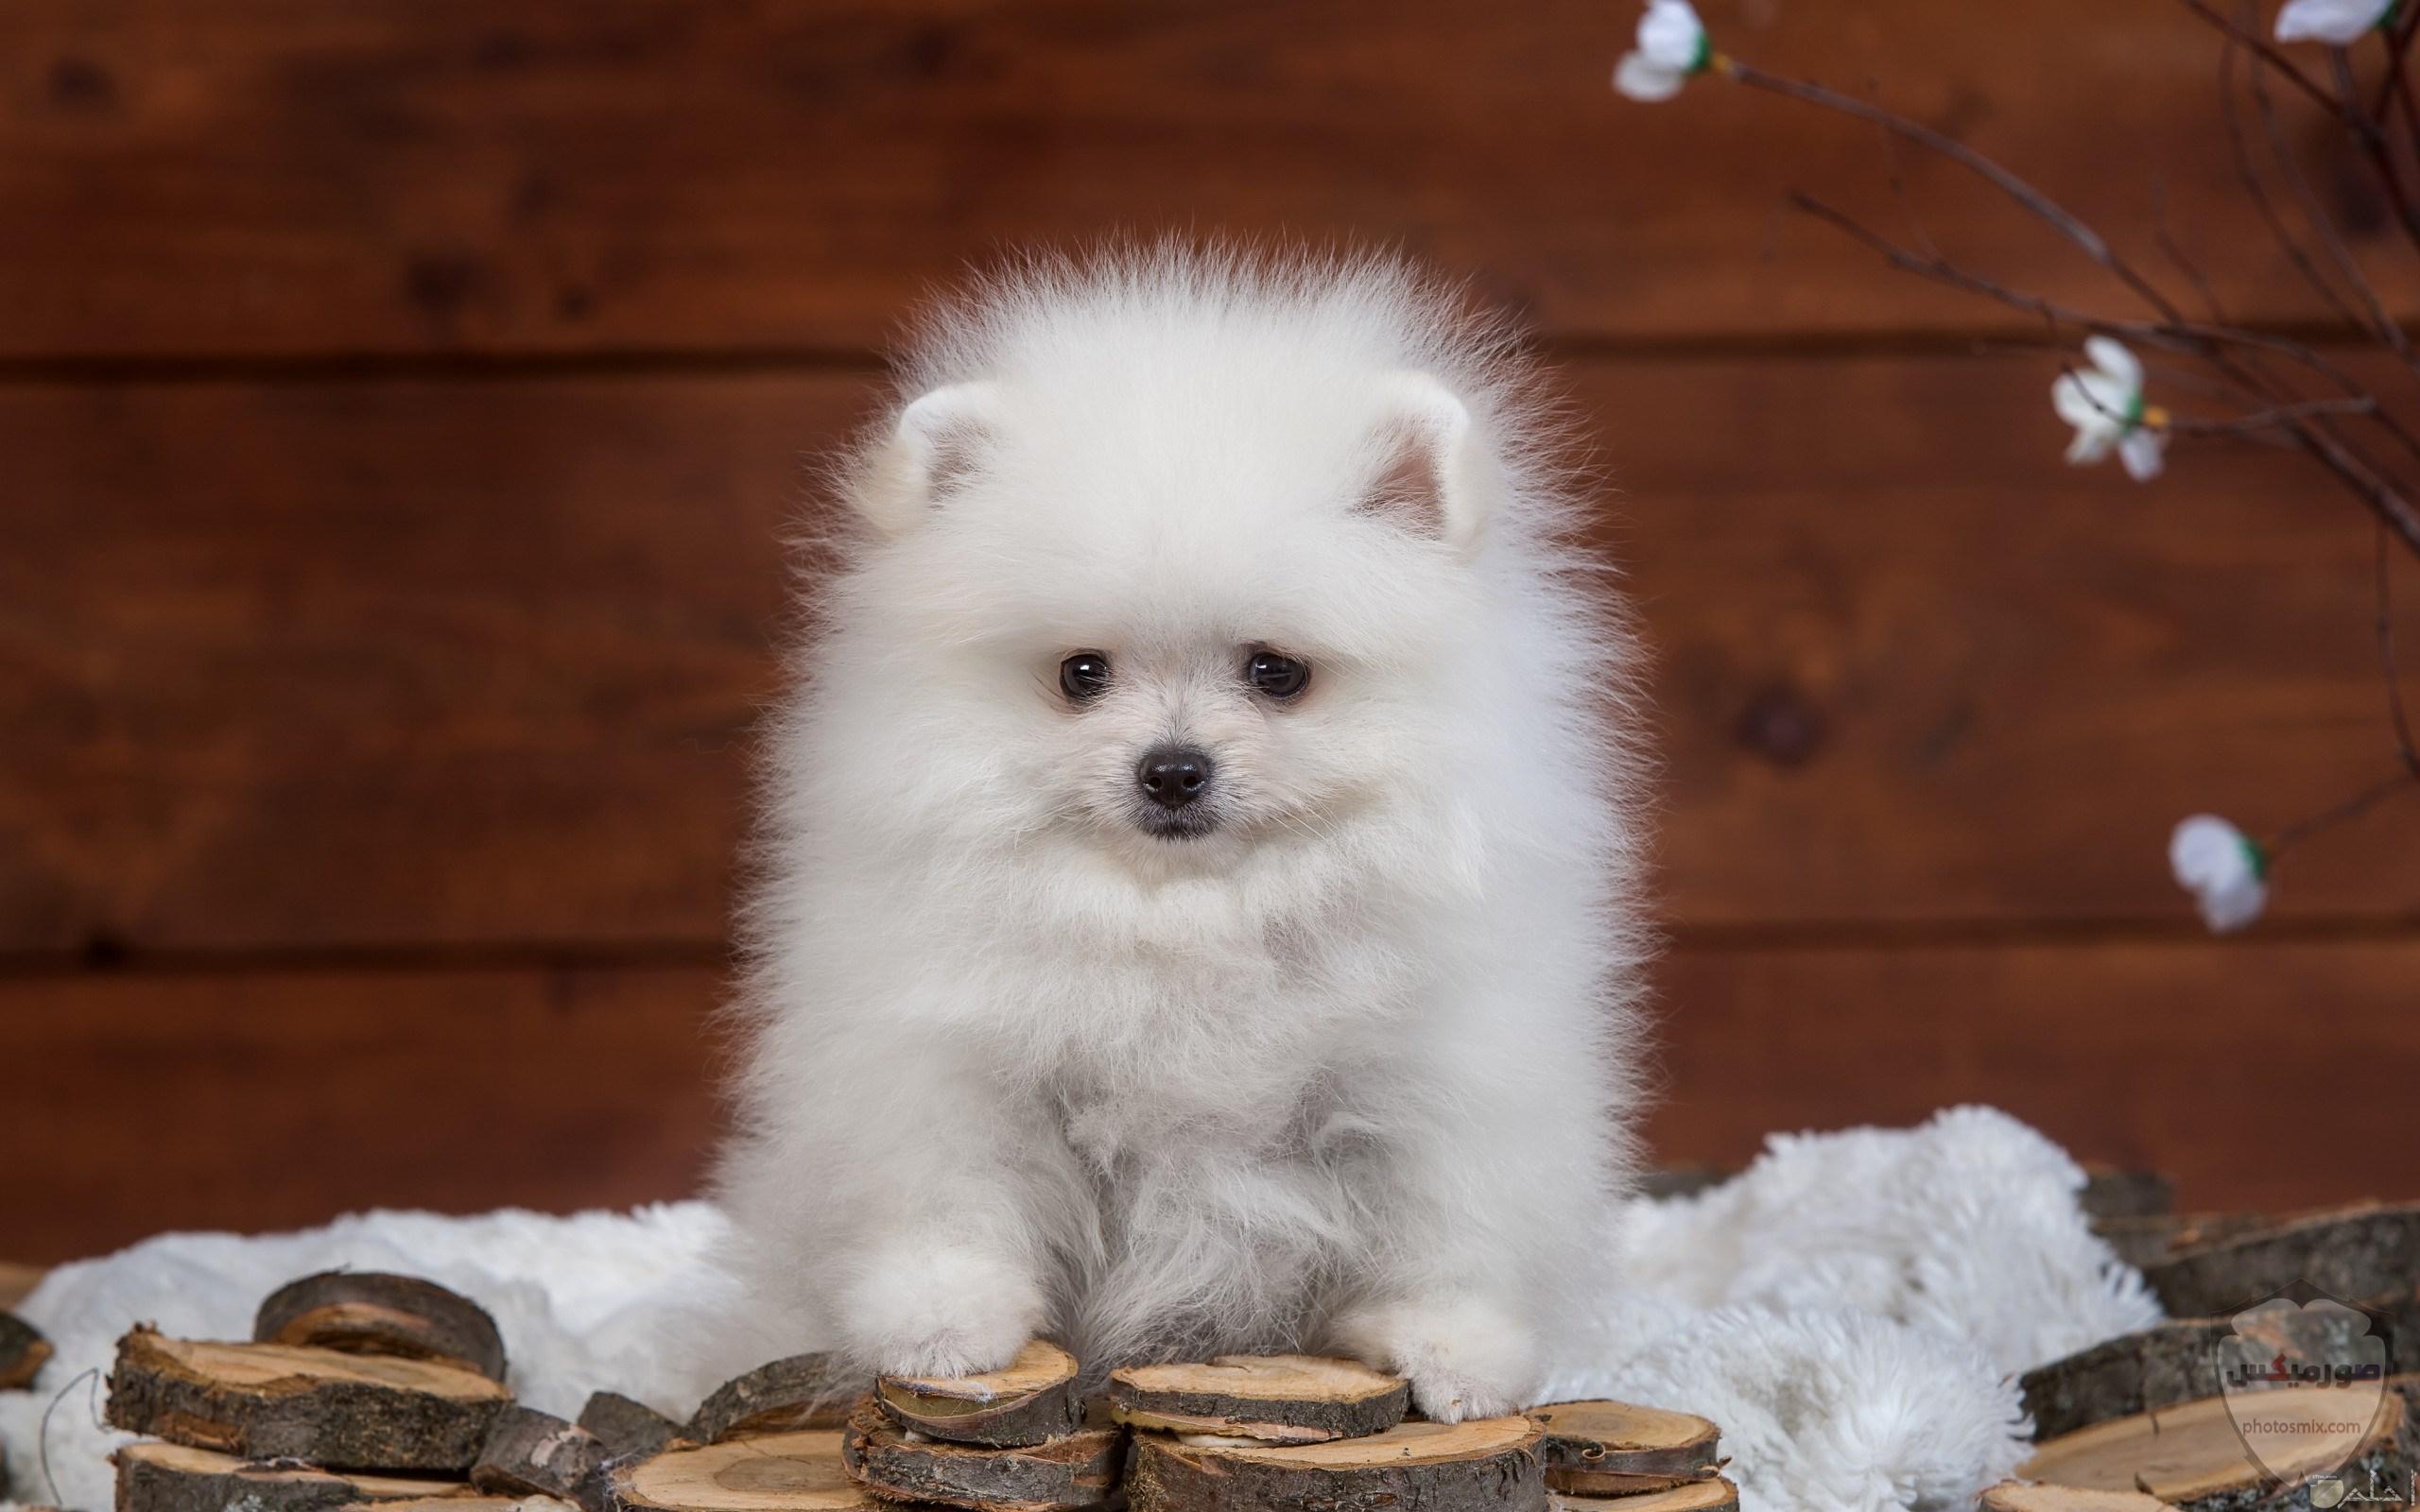 صور رمزيات خلفيات كلاب كيوت صورة كلب كيوت جدا 58